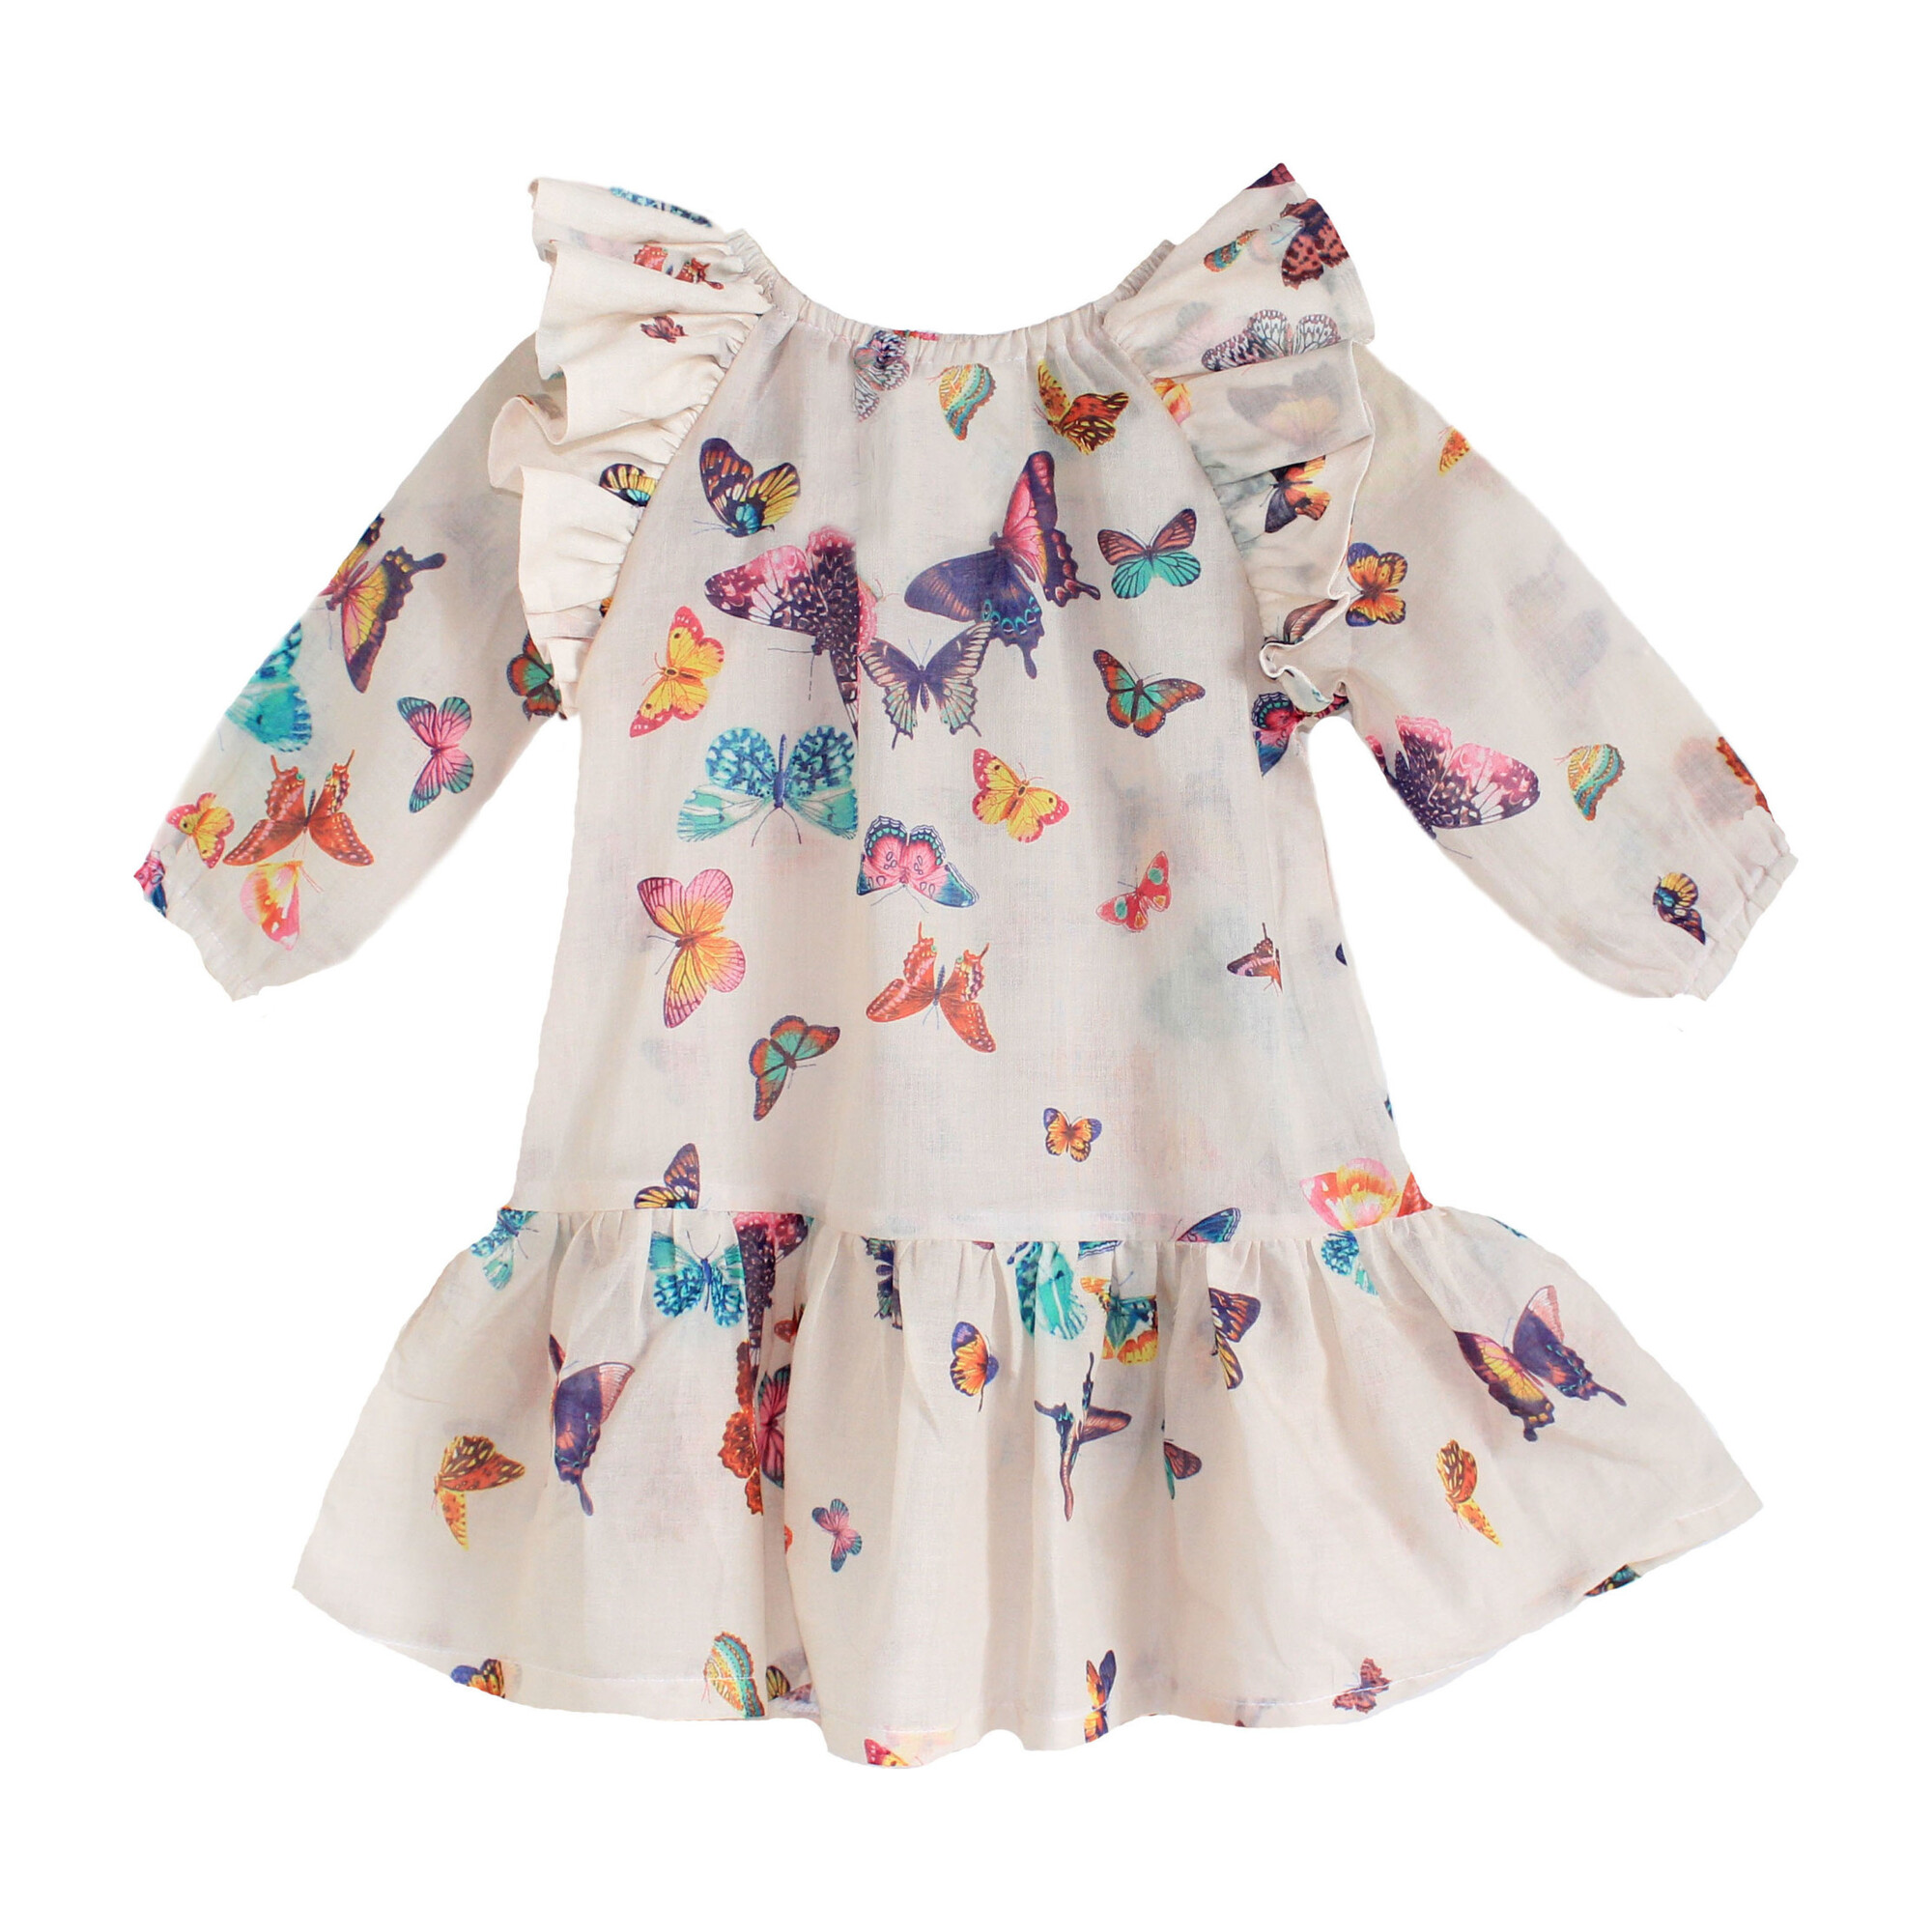 Butterfly Peasant Dress - Kids Girl Clothing Dresses - Maisonette